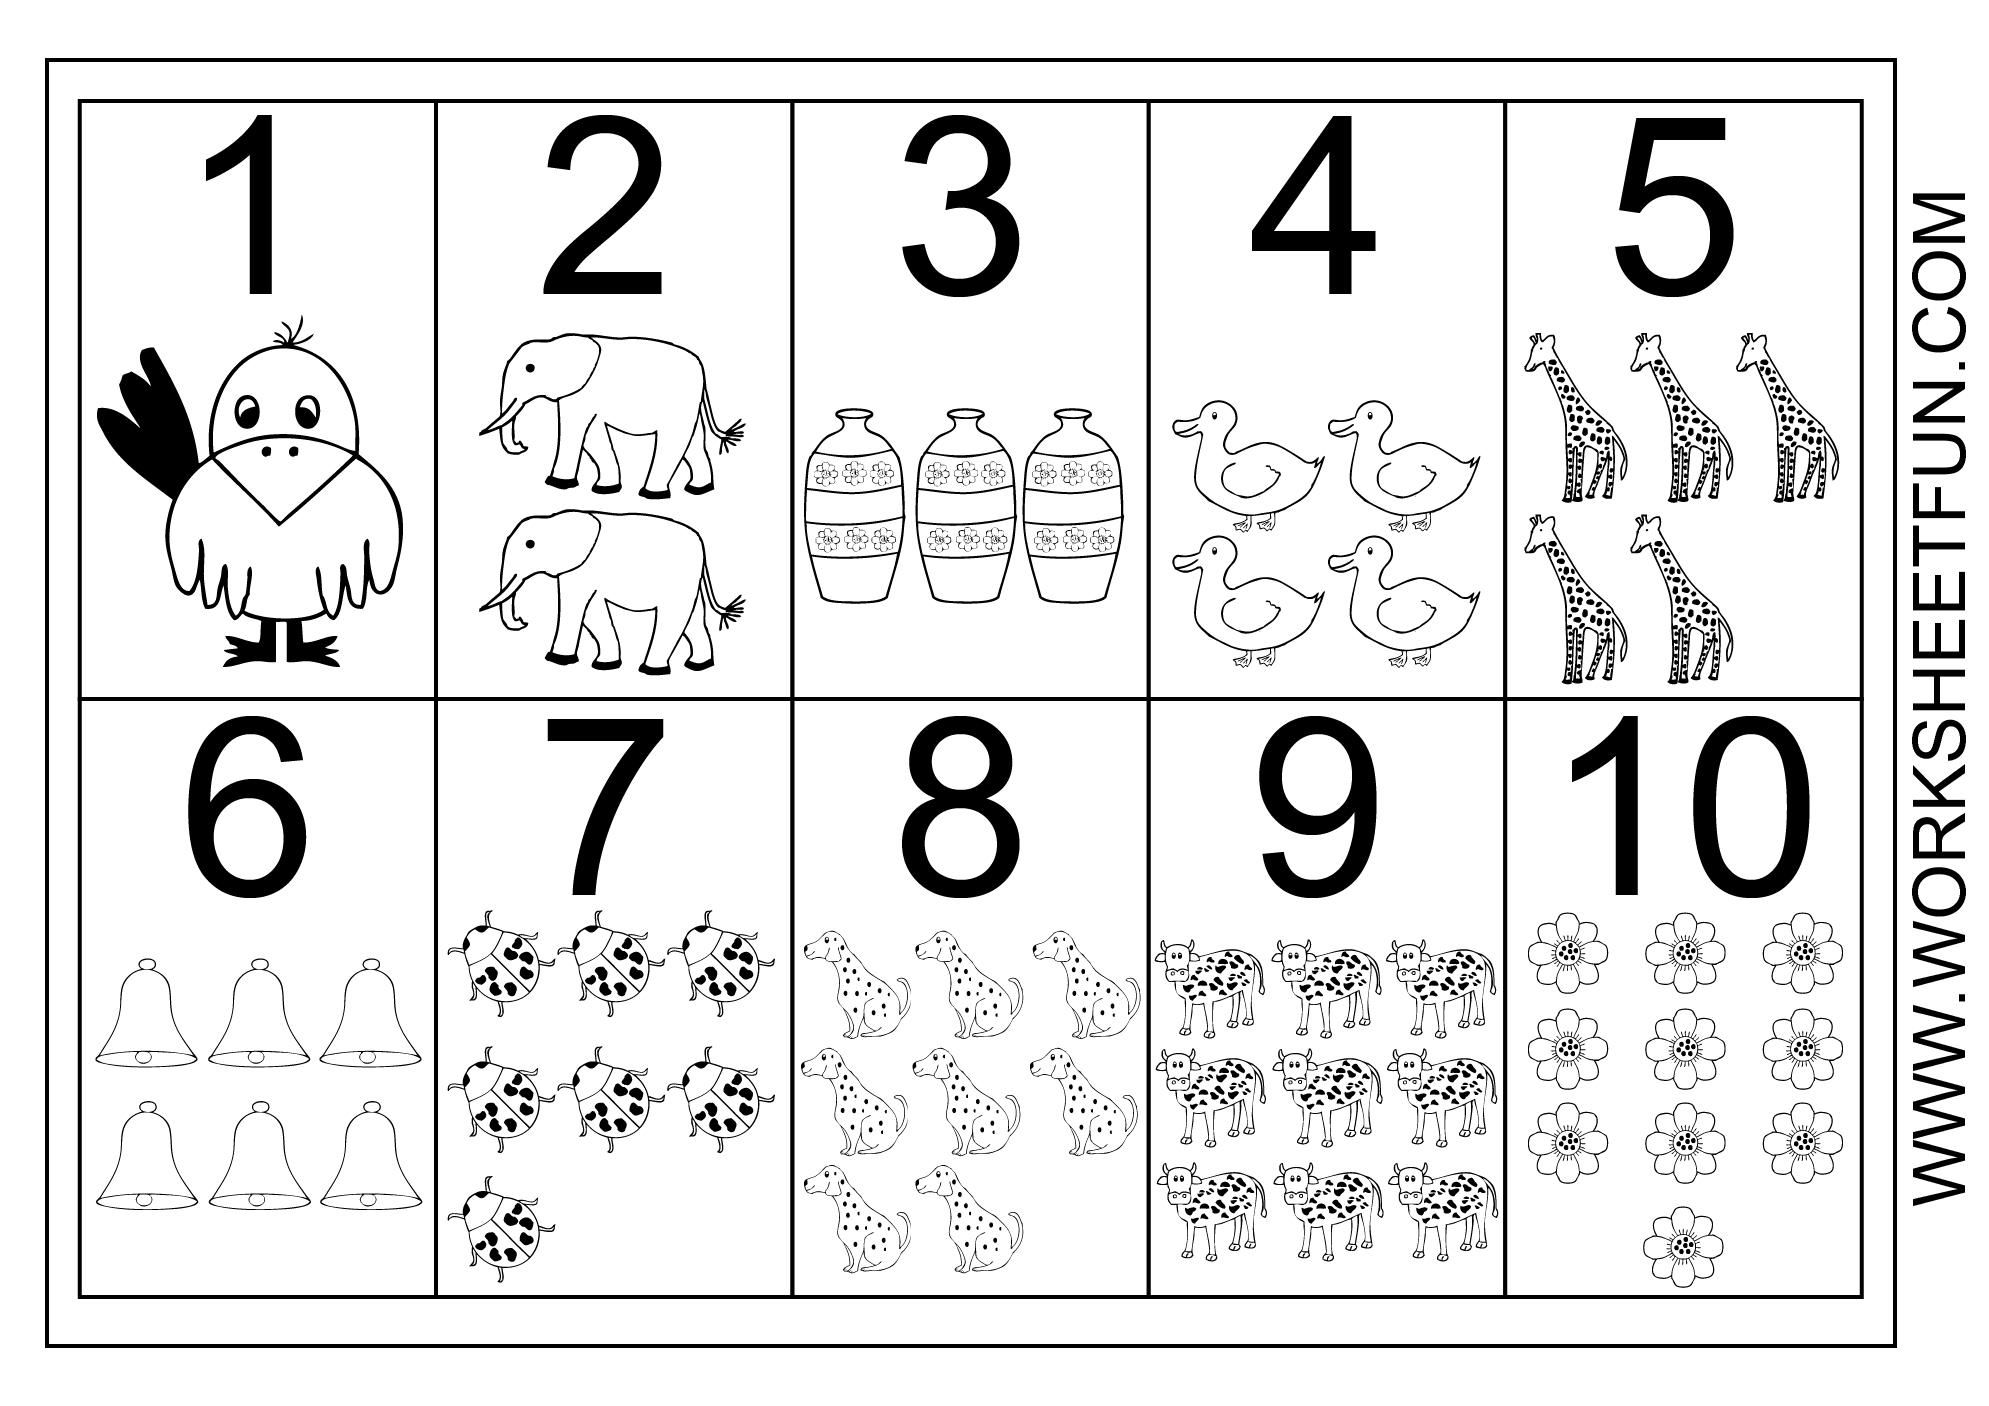 Printable Worksheets For Preschoolers On Numbers 1 10